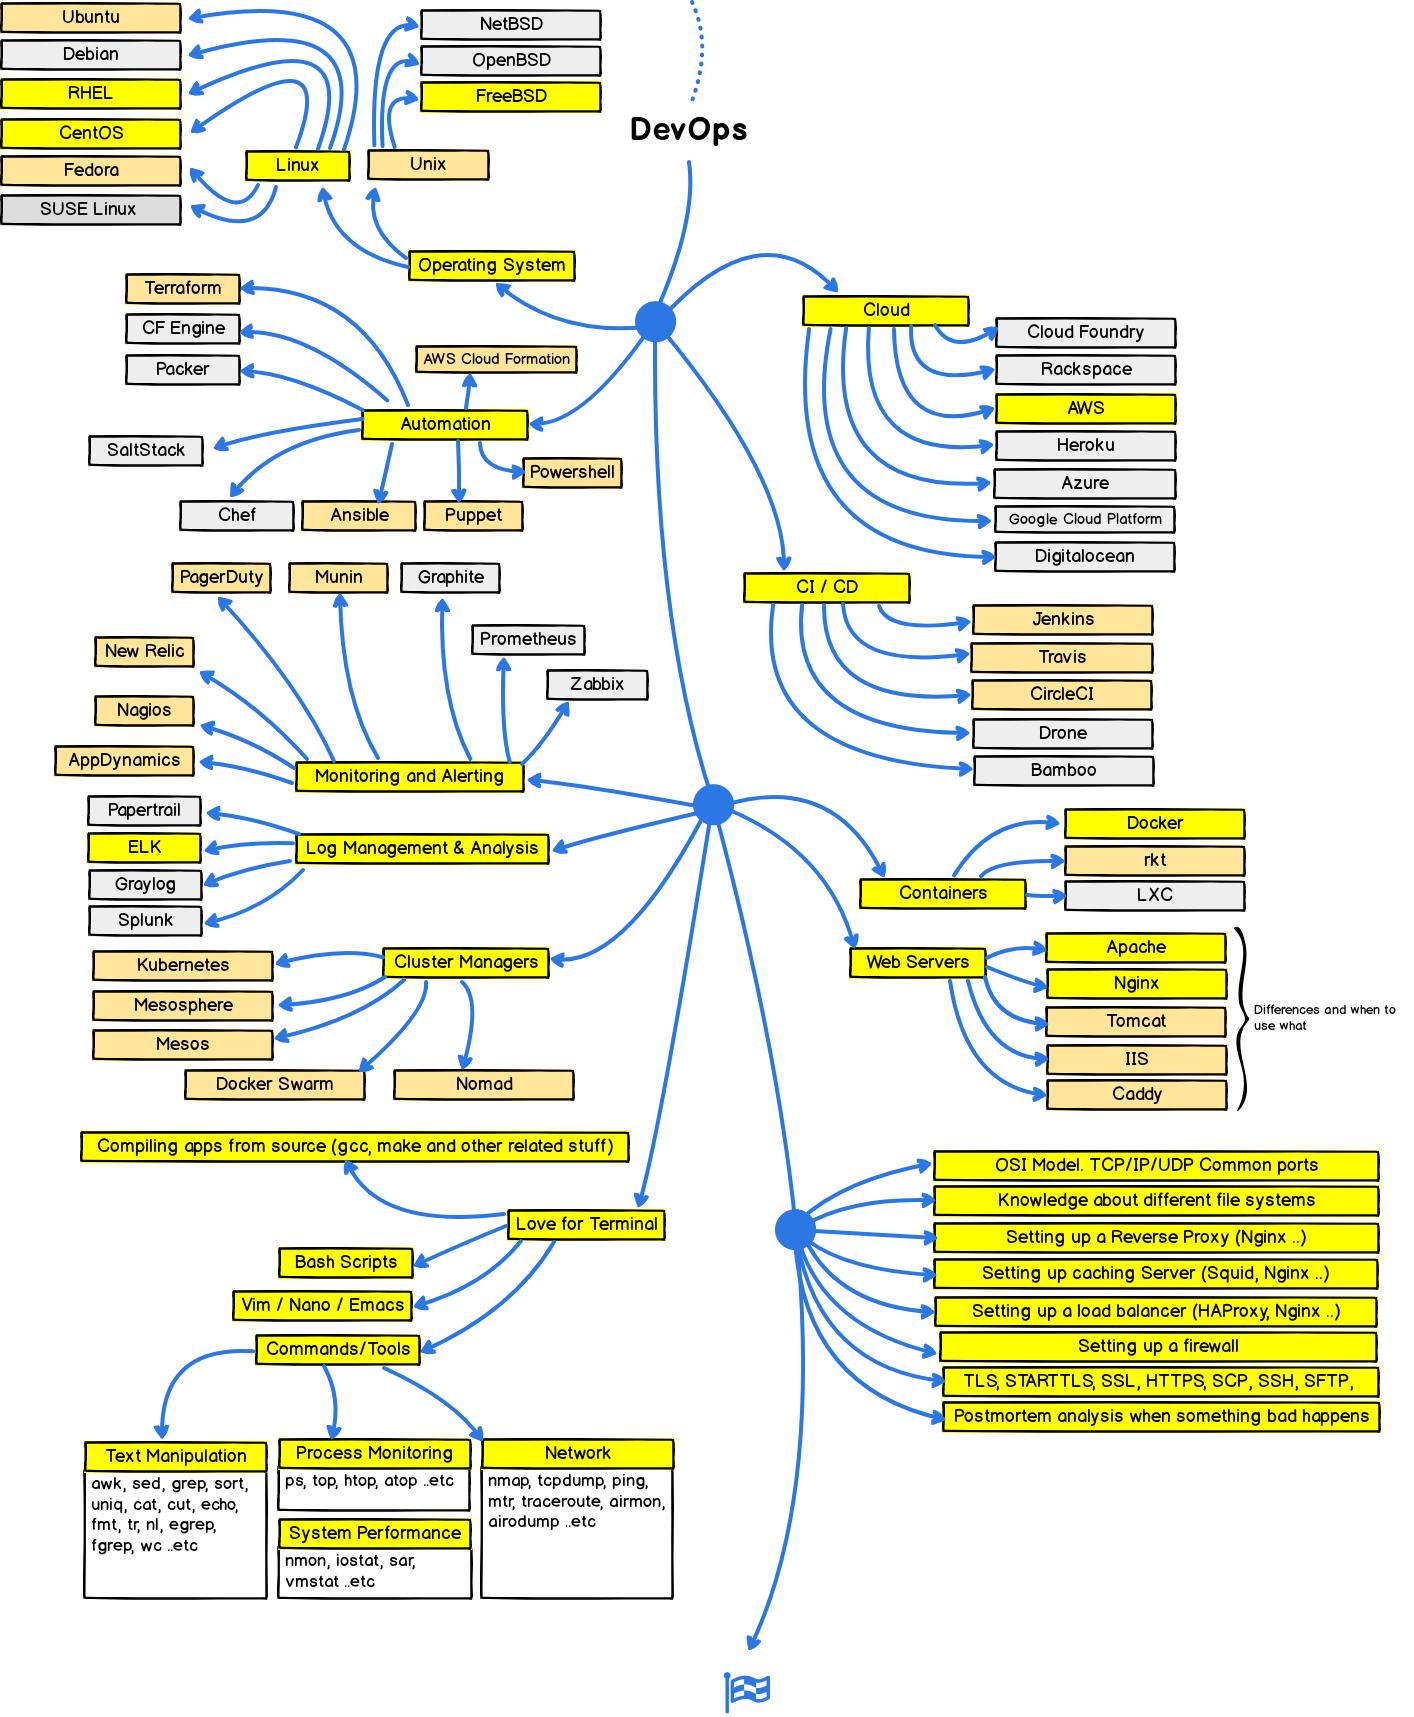 GitHub - lucassha/DevOps-Student-Roadmap: Student's